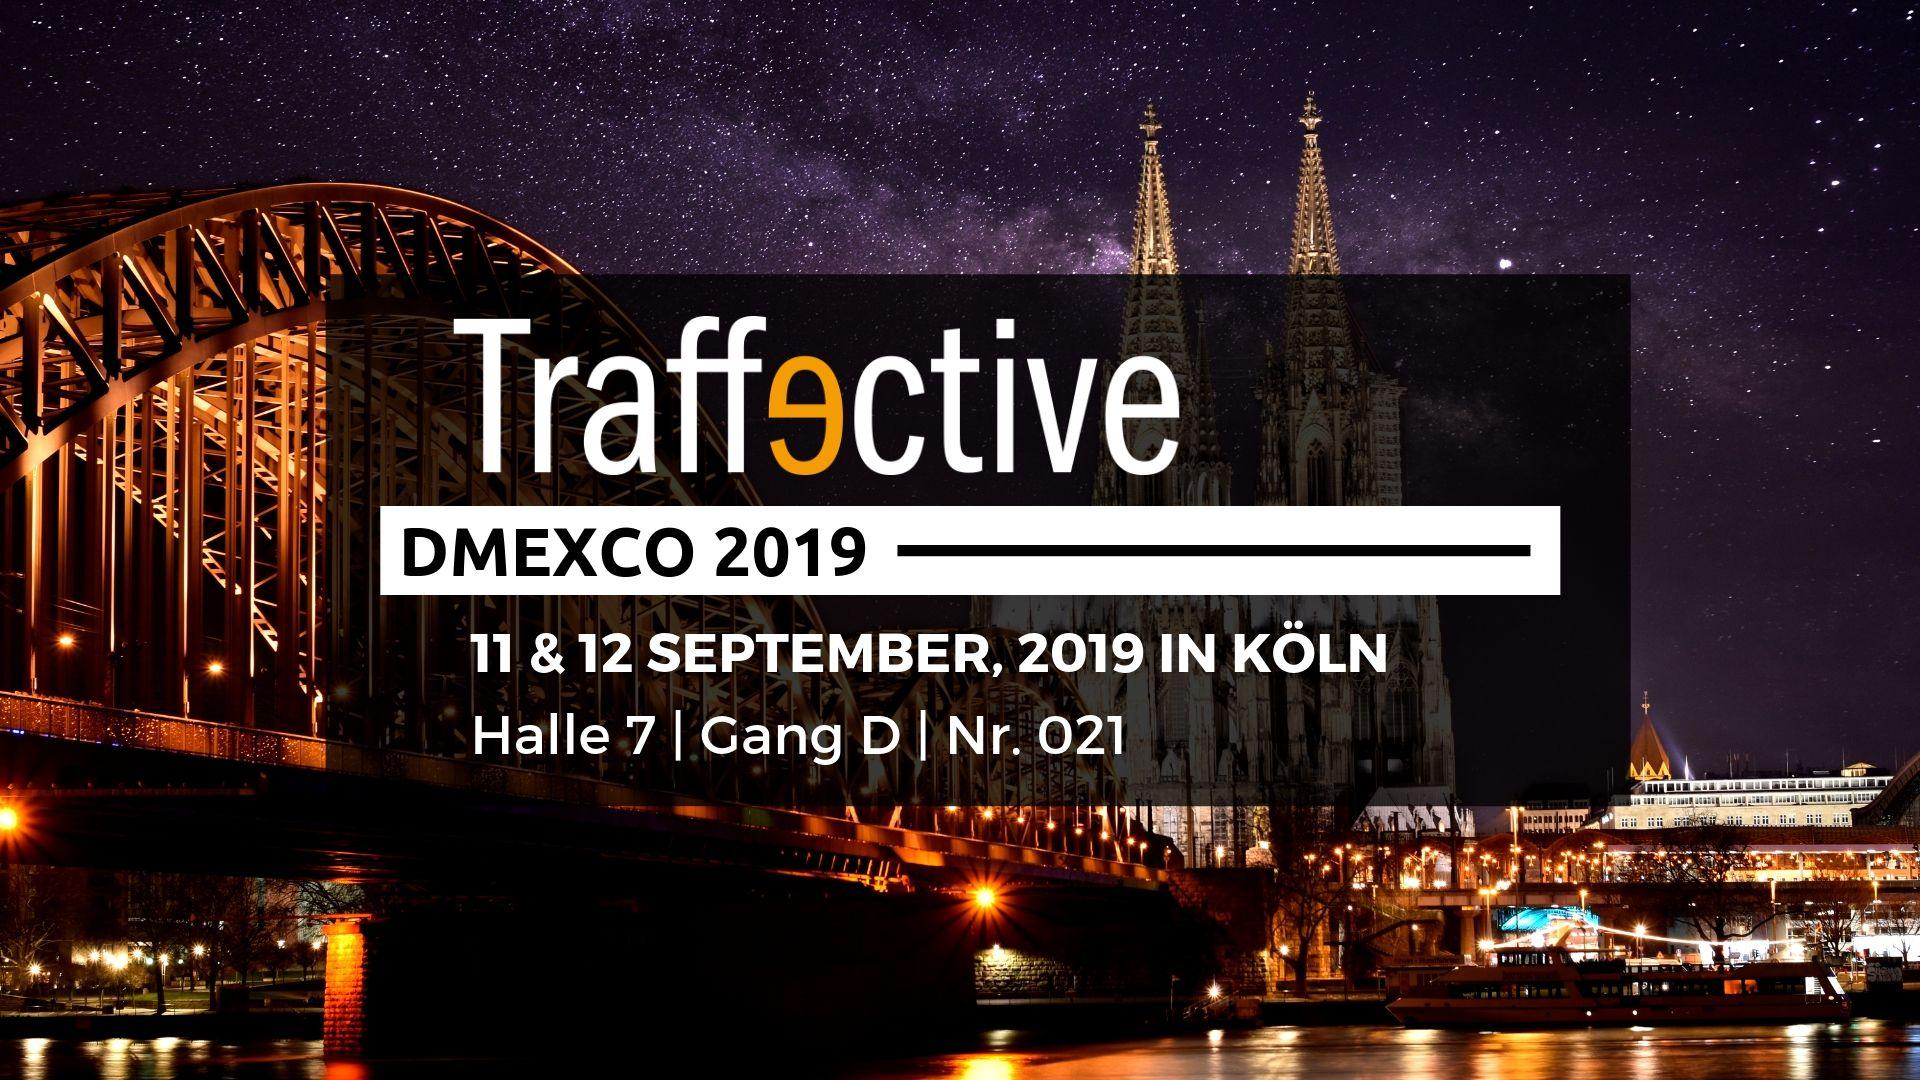 DMEXCO 2019: Mit Traffective digitale Vermarktung fit für die Zukunft machen